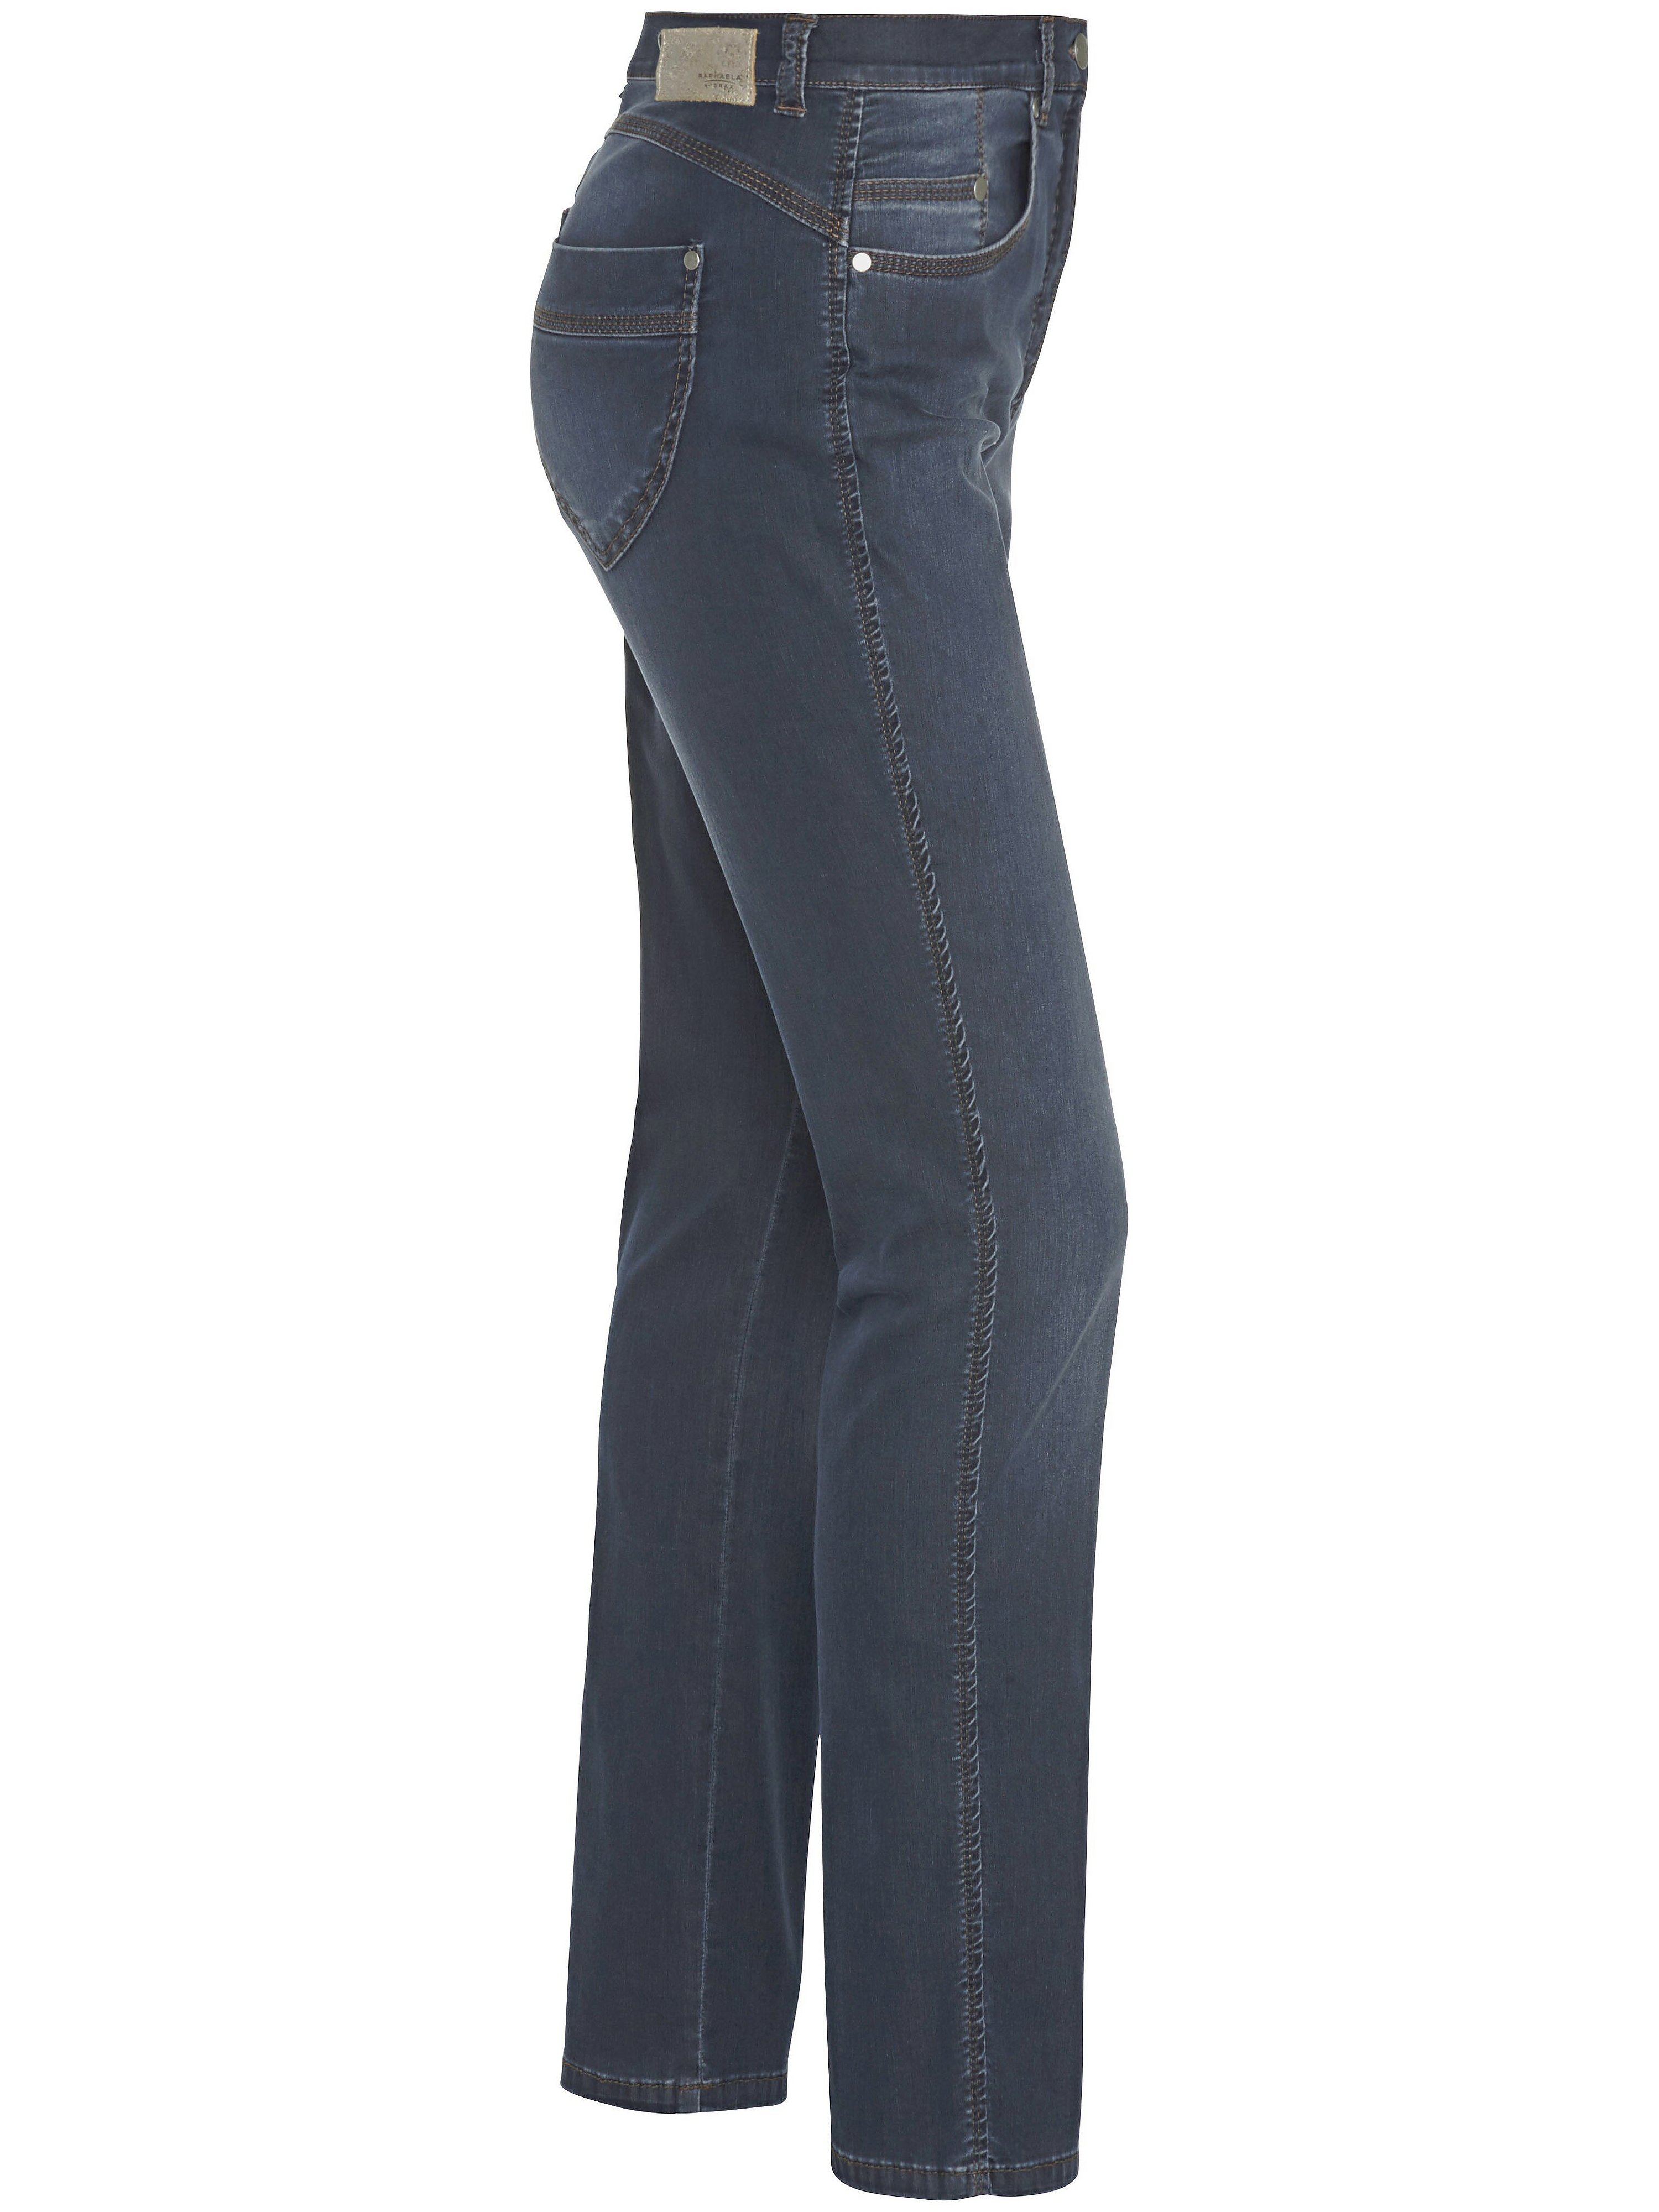 ProForm S Super Slim-jeans model Lea Fra Raphaela by Brax denim